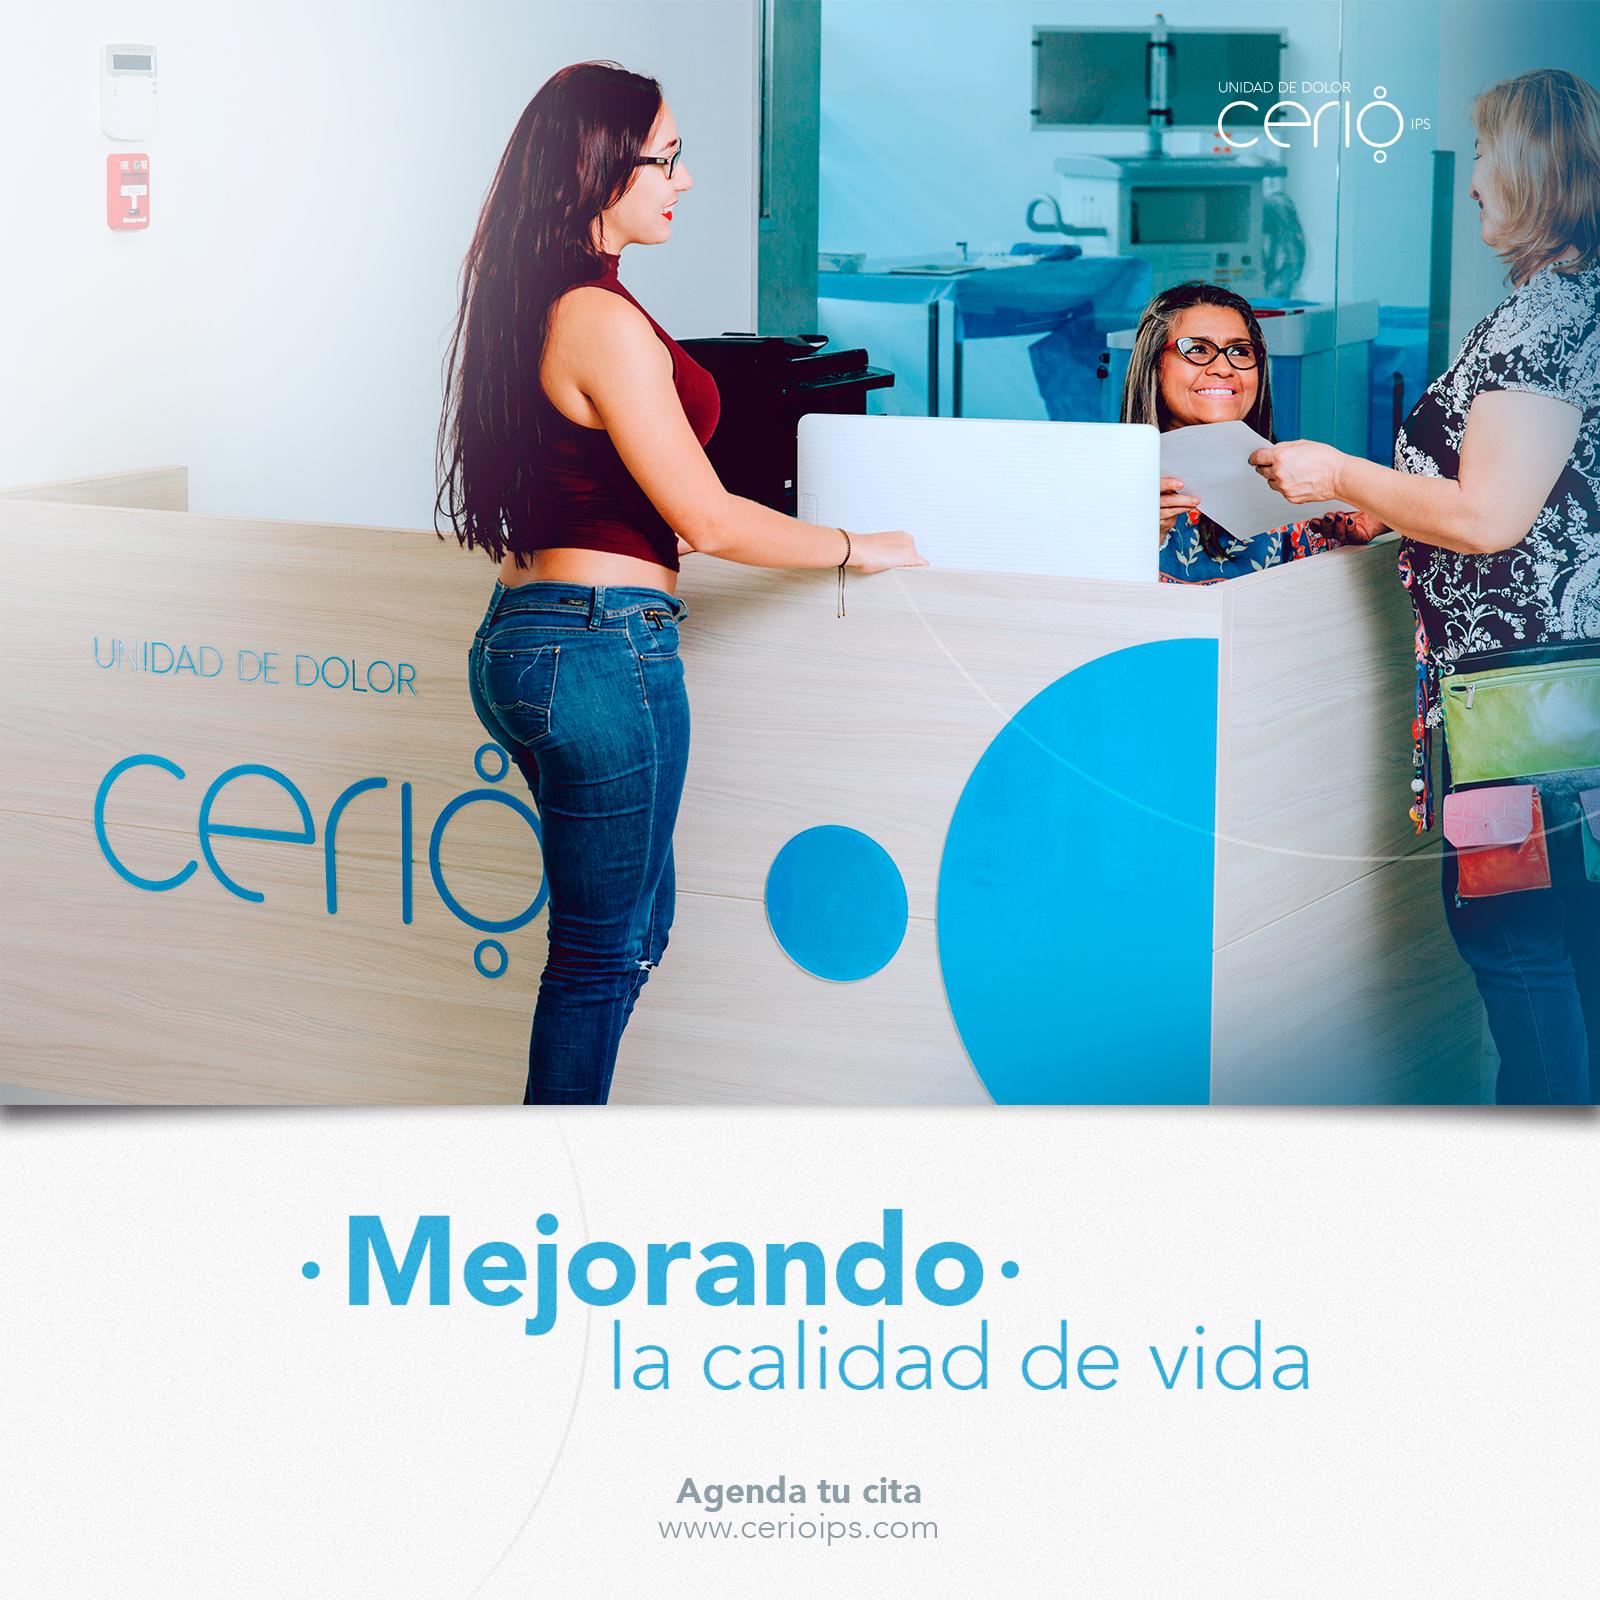 18_04_03_Post_CERIO_Calidad_Vida